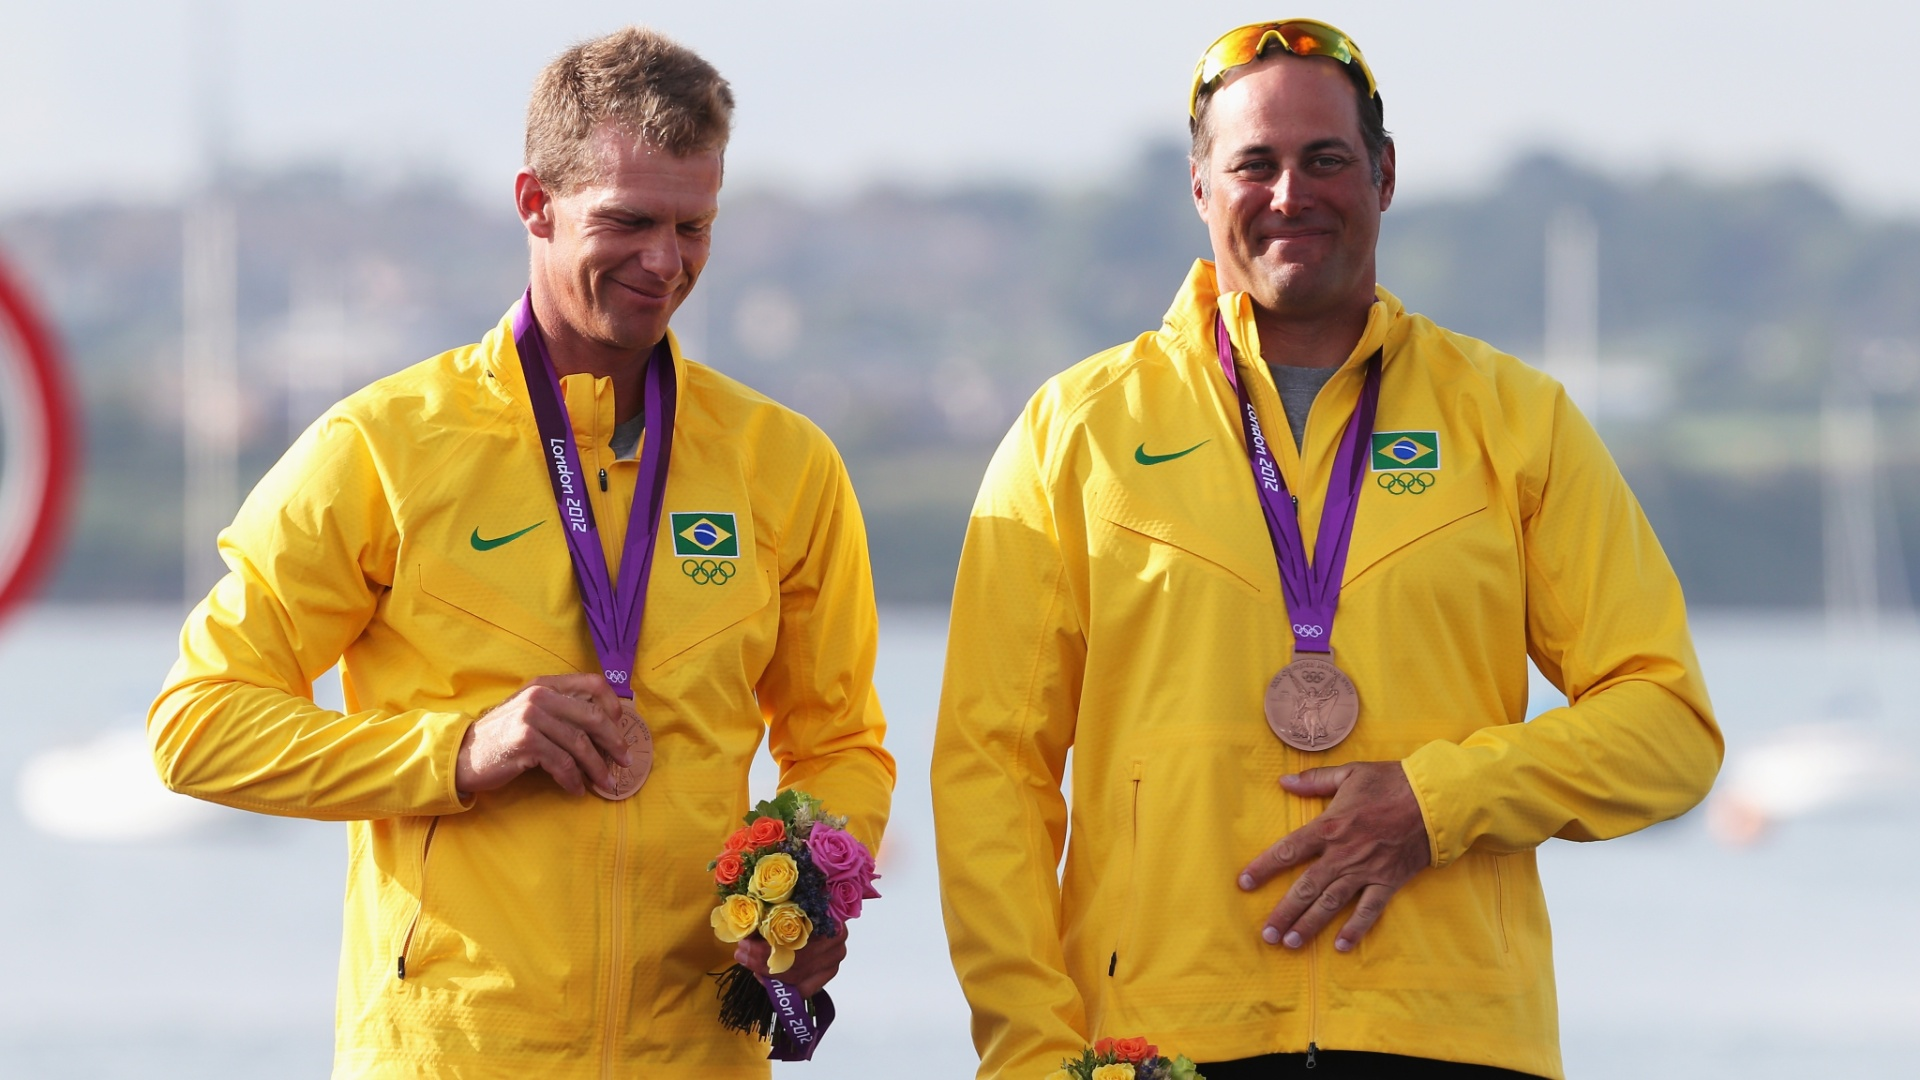 Os velejadores Robert Scheidt e Bruno Prada exibem a medalha de bronze conquistada na classe Star nos Jogos Olímpicos de Londres